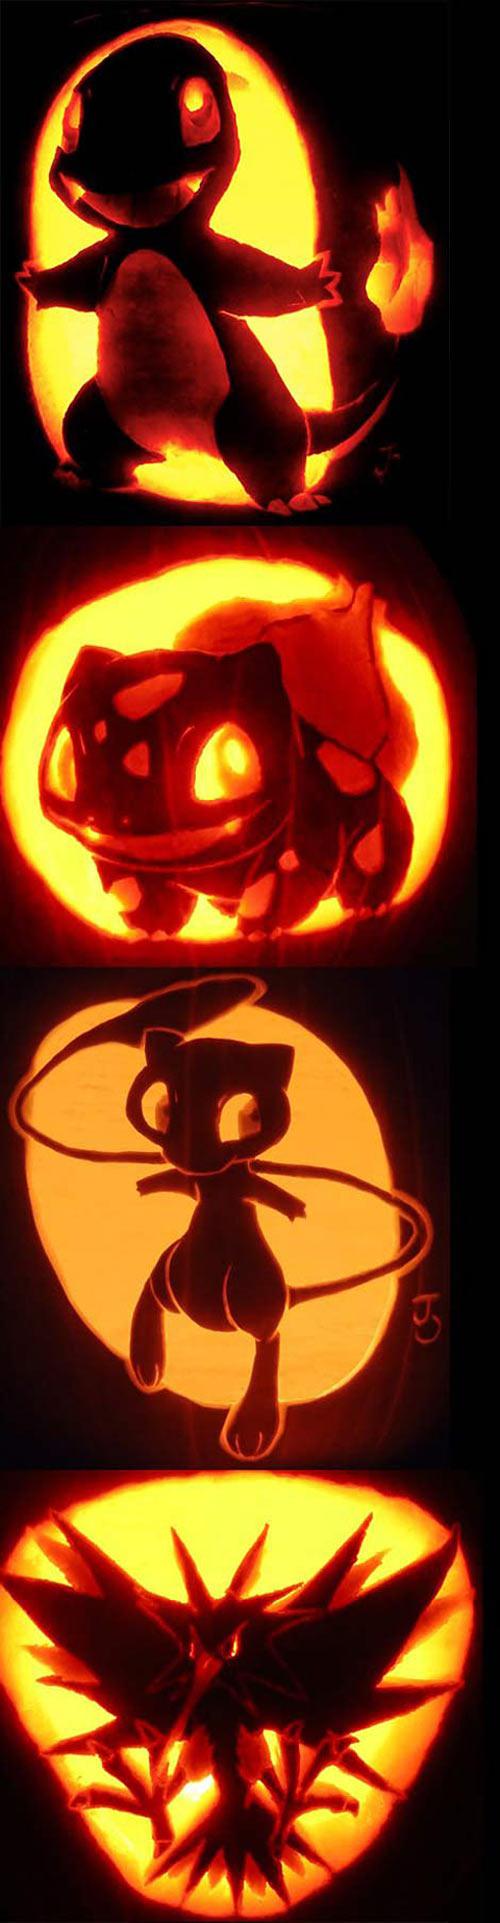 Pokemon carved pumpkins...